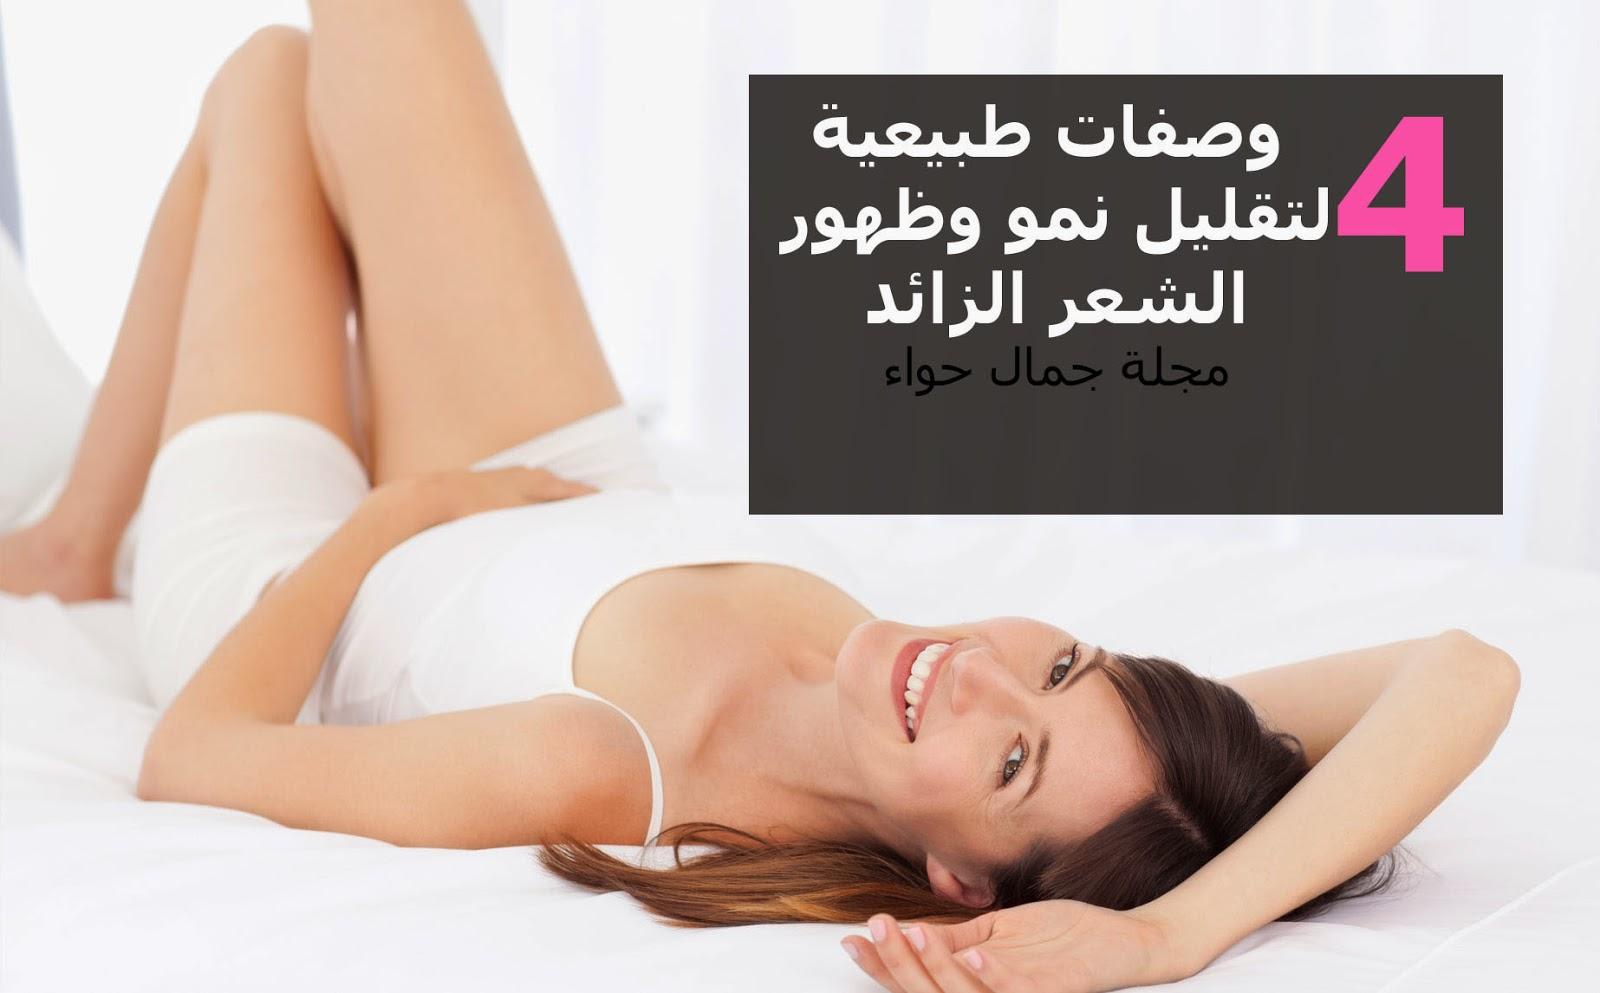 4 وصفات طبيعية لتقليل نمو وظهور الشعر الزائد